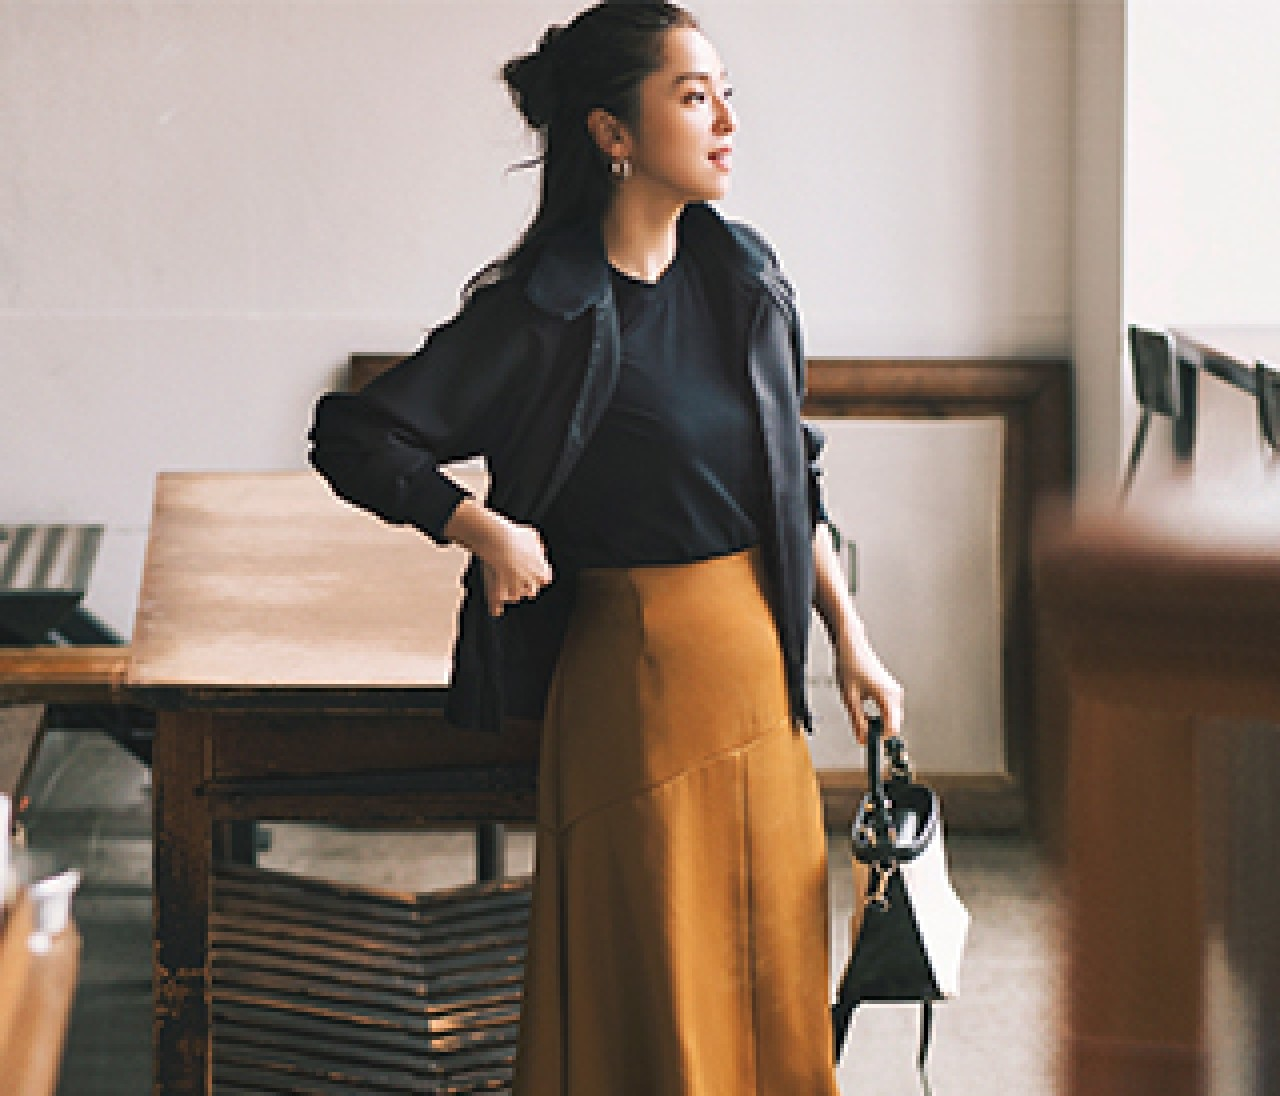 【フレアスカート×Tシャツ】でつくる最旬スタイル♪ 予定のない日こそコーデにときめきを!